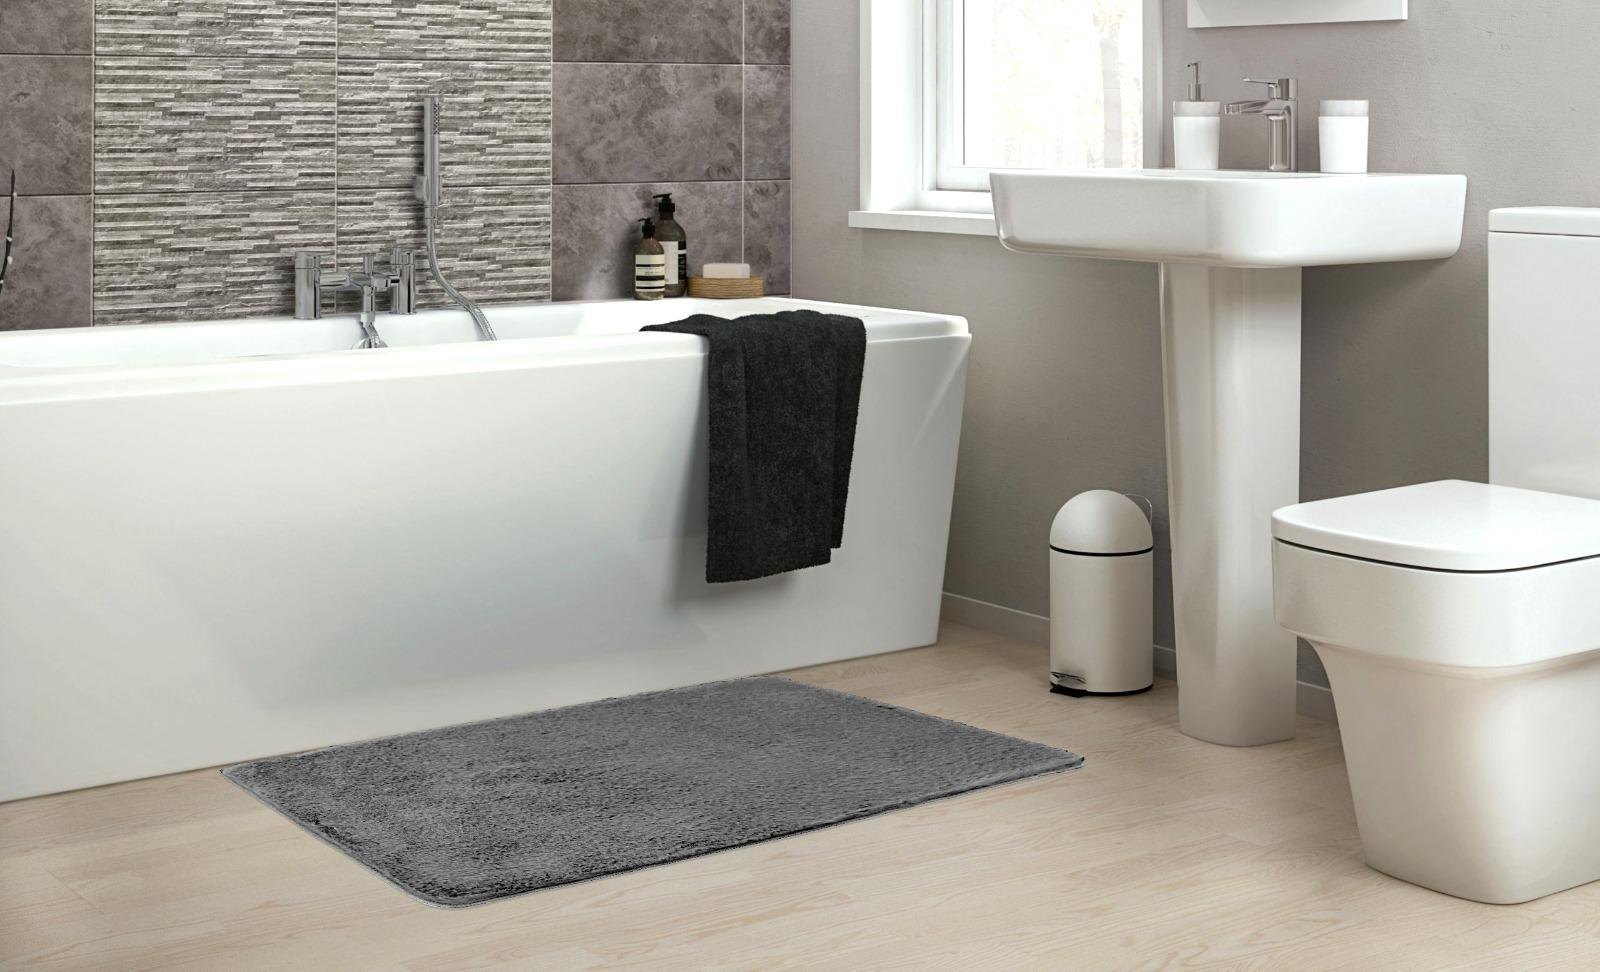 שטיח אמבטיה אפור כהה דגם Soft סופט - נעים במיוחד!